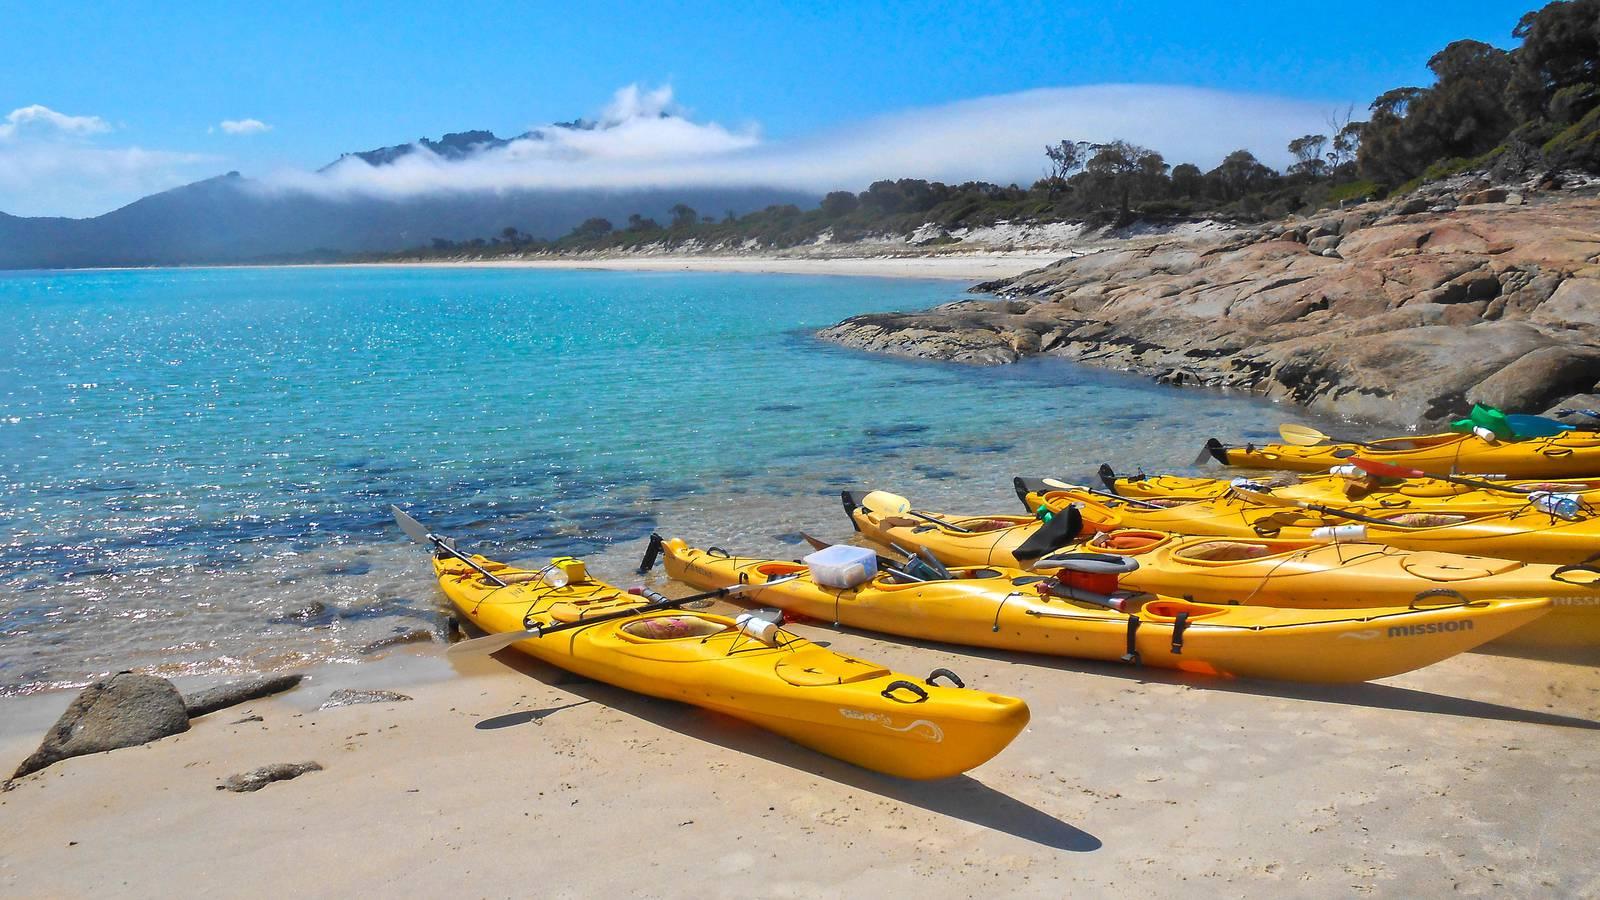 Tasmanien Australien (© Zur Verfügung gestellt)